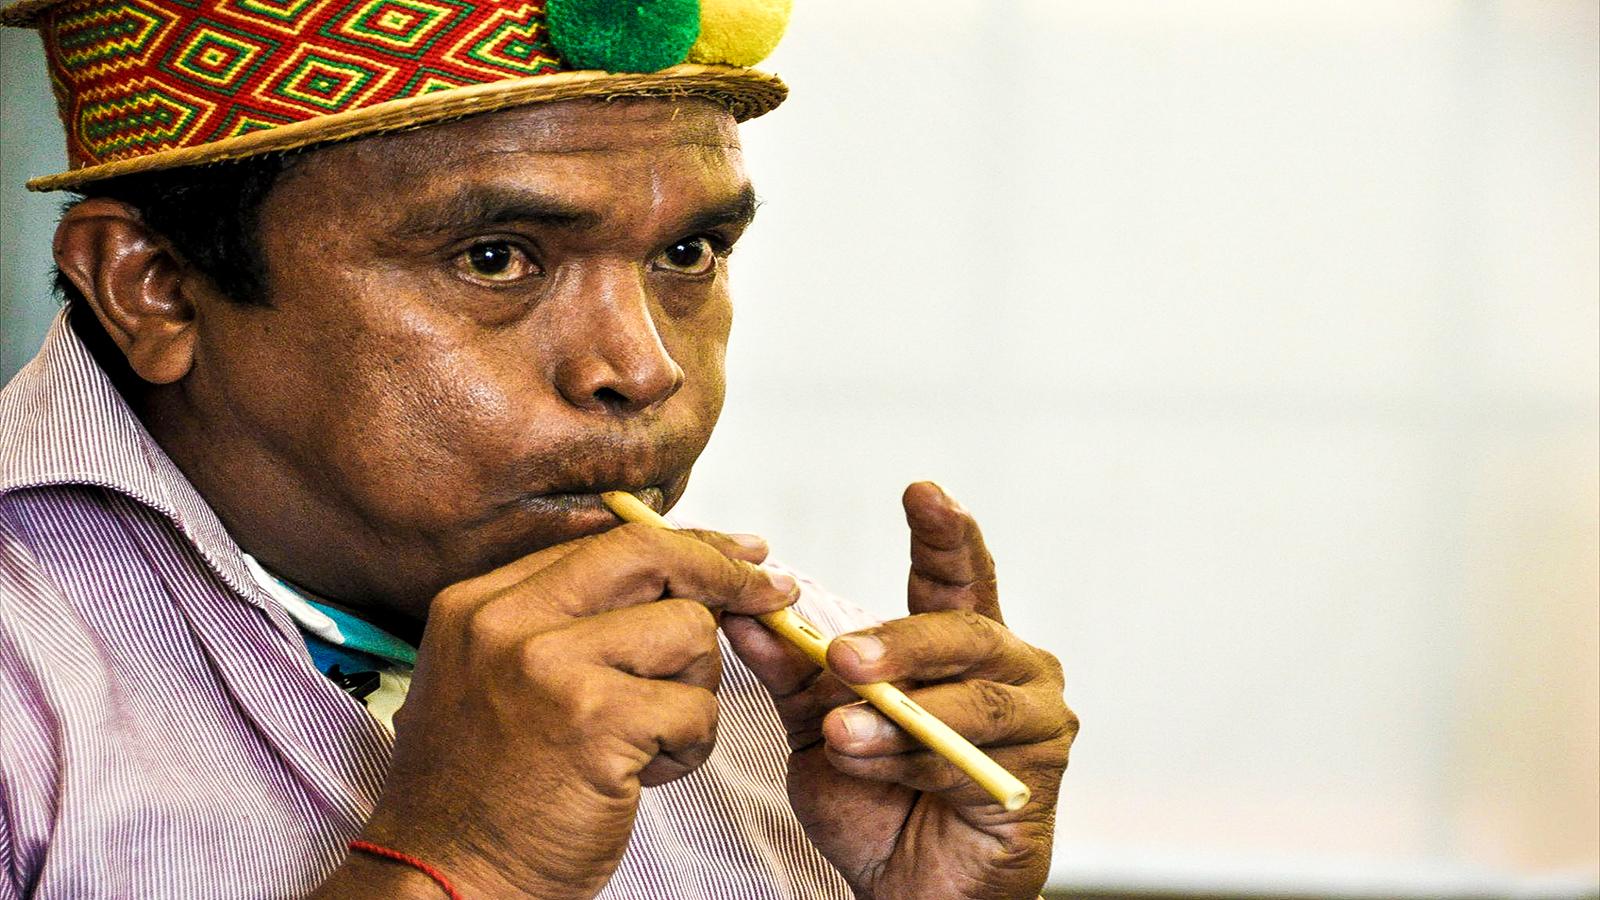 el-profesor-que-mantiene-viva-la-musica-wayuu